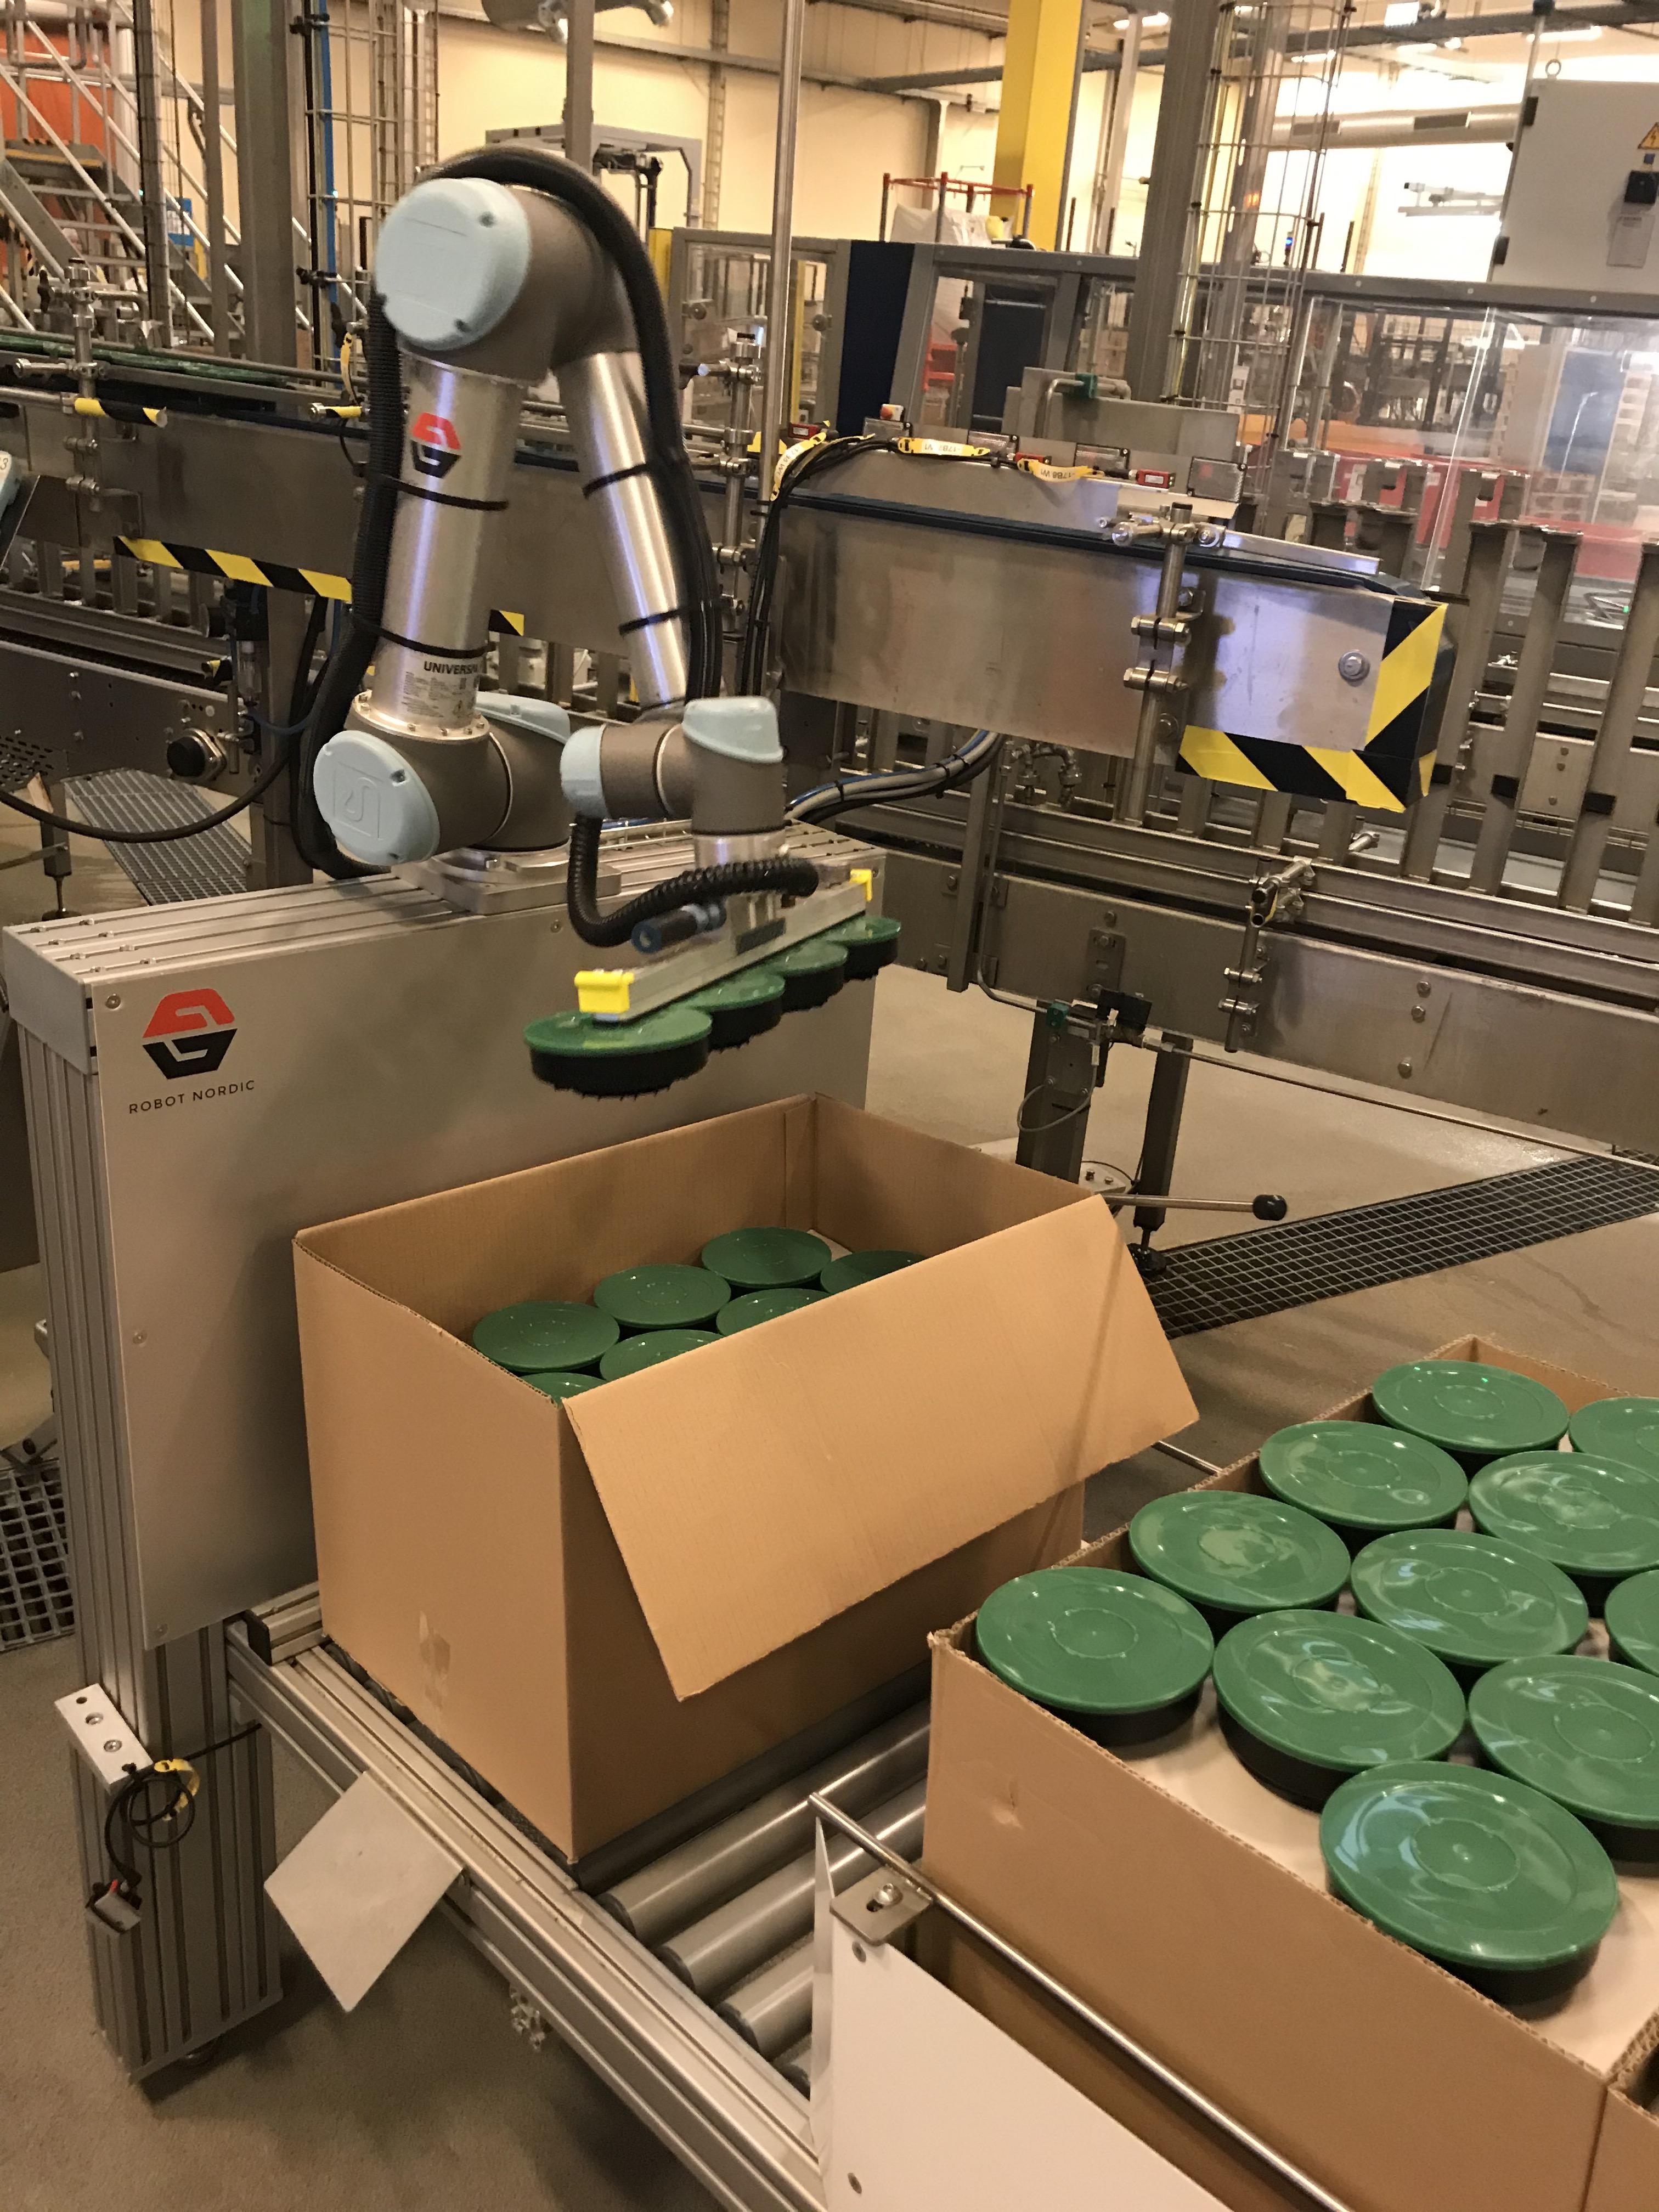 De båda cobotarna på Carlsbergs bryggeri i danska Fredericia kan hantera upp till 500 kartonger i timmen. Förutom bättre arbetsmiljö för personalen frigör cobotarna arbetstid som istället kan läggas på kvalitetskontroll och linjeskötsel.